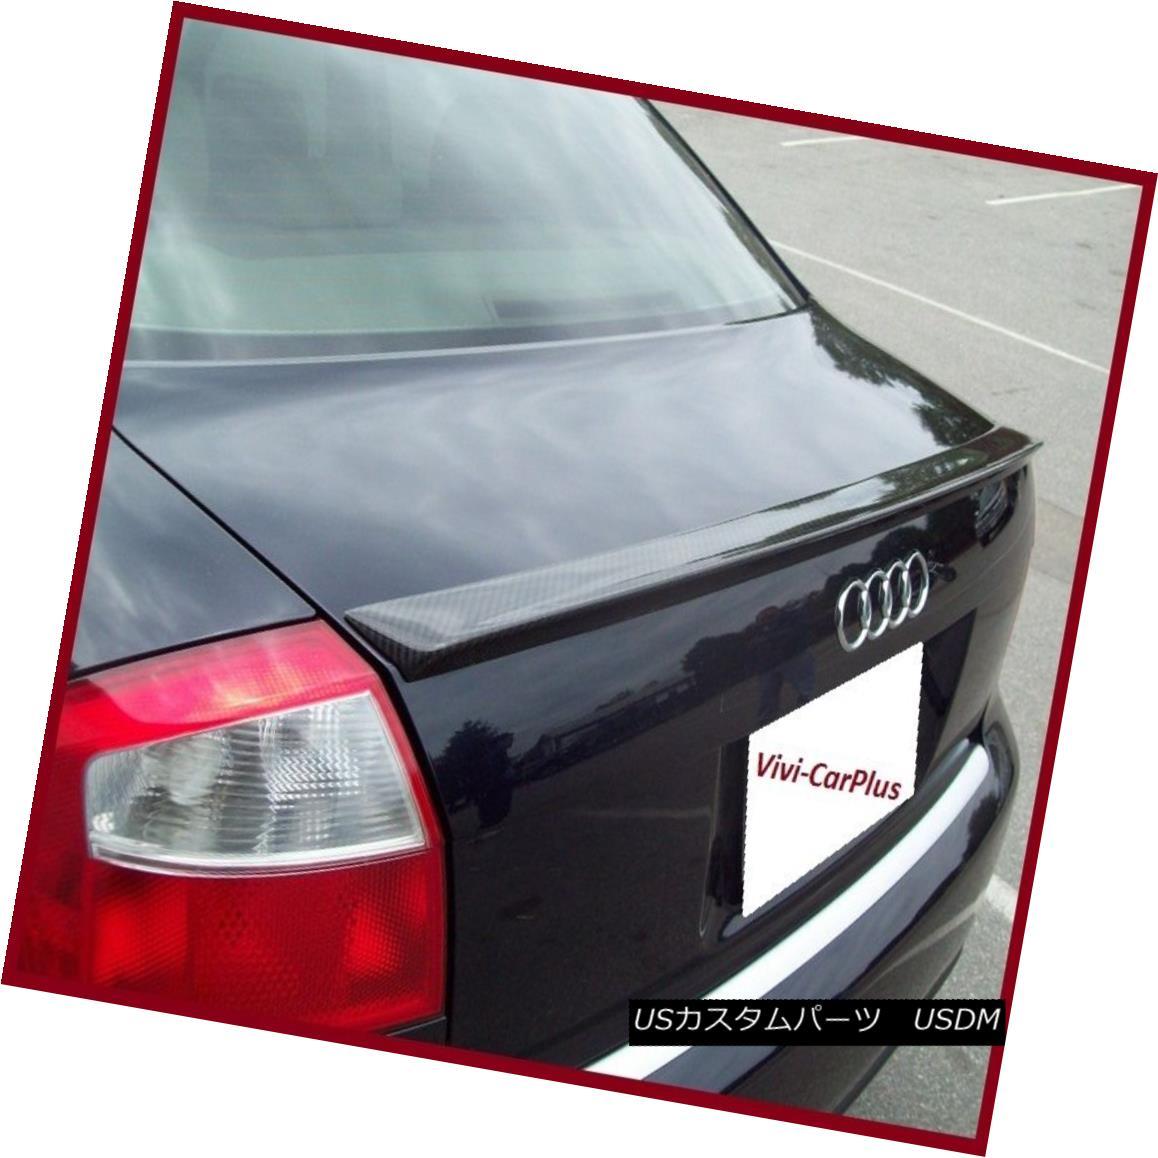 エアロパーツ 2002-2005 AUDI A4 S4 B6 Sedan Quattro S Type Trunk Spoiler Wing Lip Carbon Fiber 2002-2005 AUDI A4 S4 B6セダンクワトロSタイプトランクスポイラーウイングリップカーボンファイバー